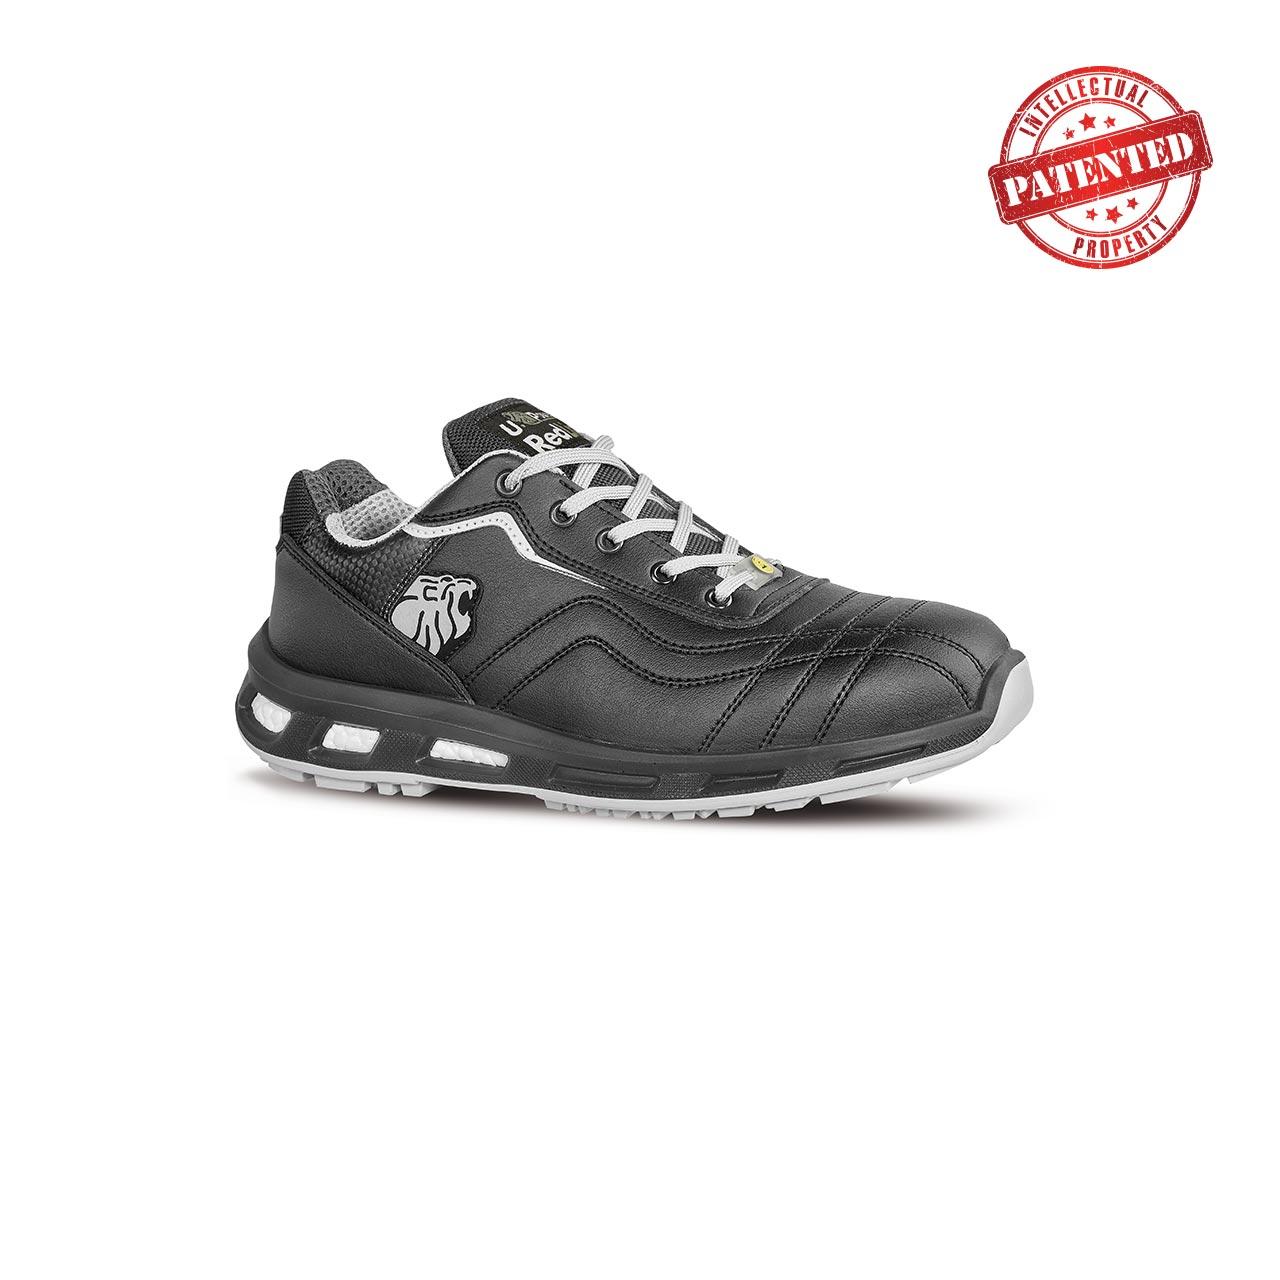 scarpa antinfortunistica upower modello show linea redlion vista laterale